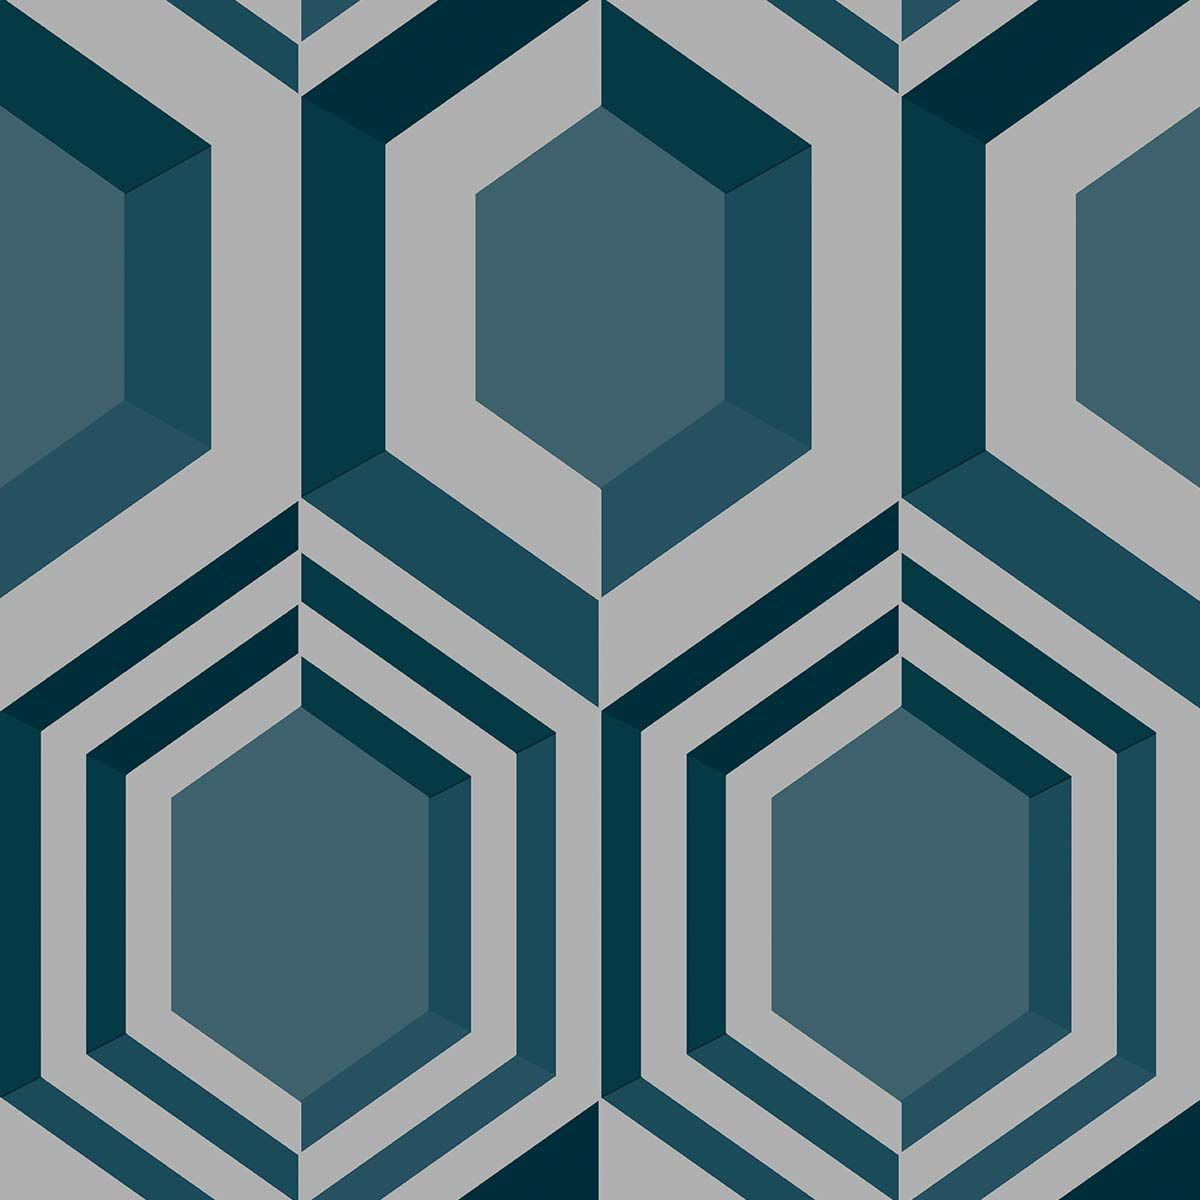 Papier peint vinyl intissé géométrique bleu pétrole Dingle